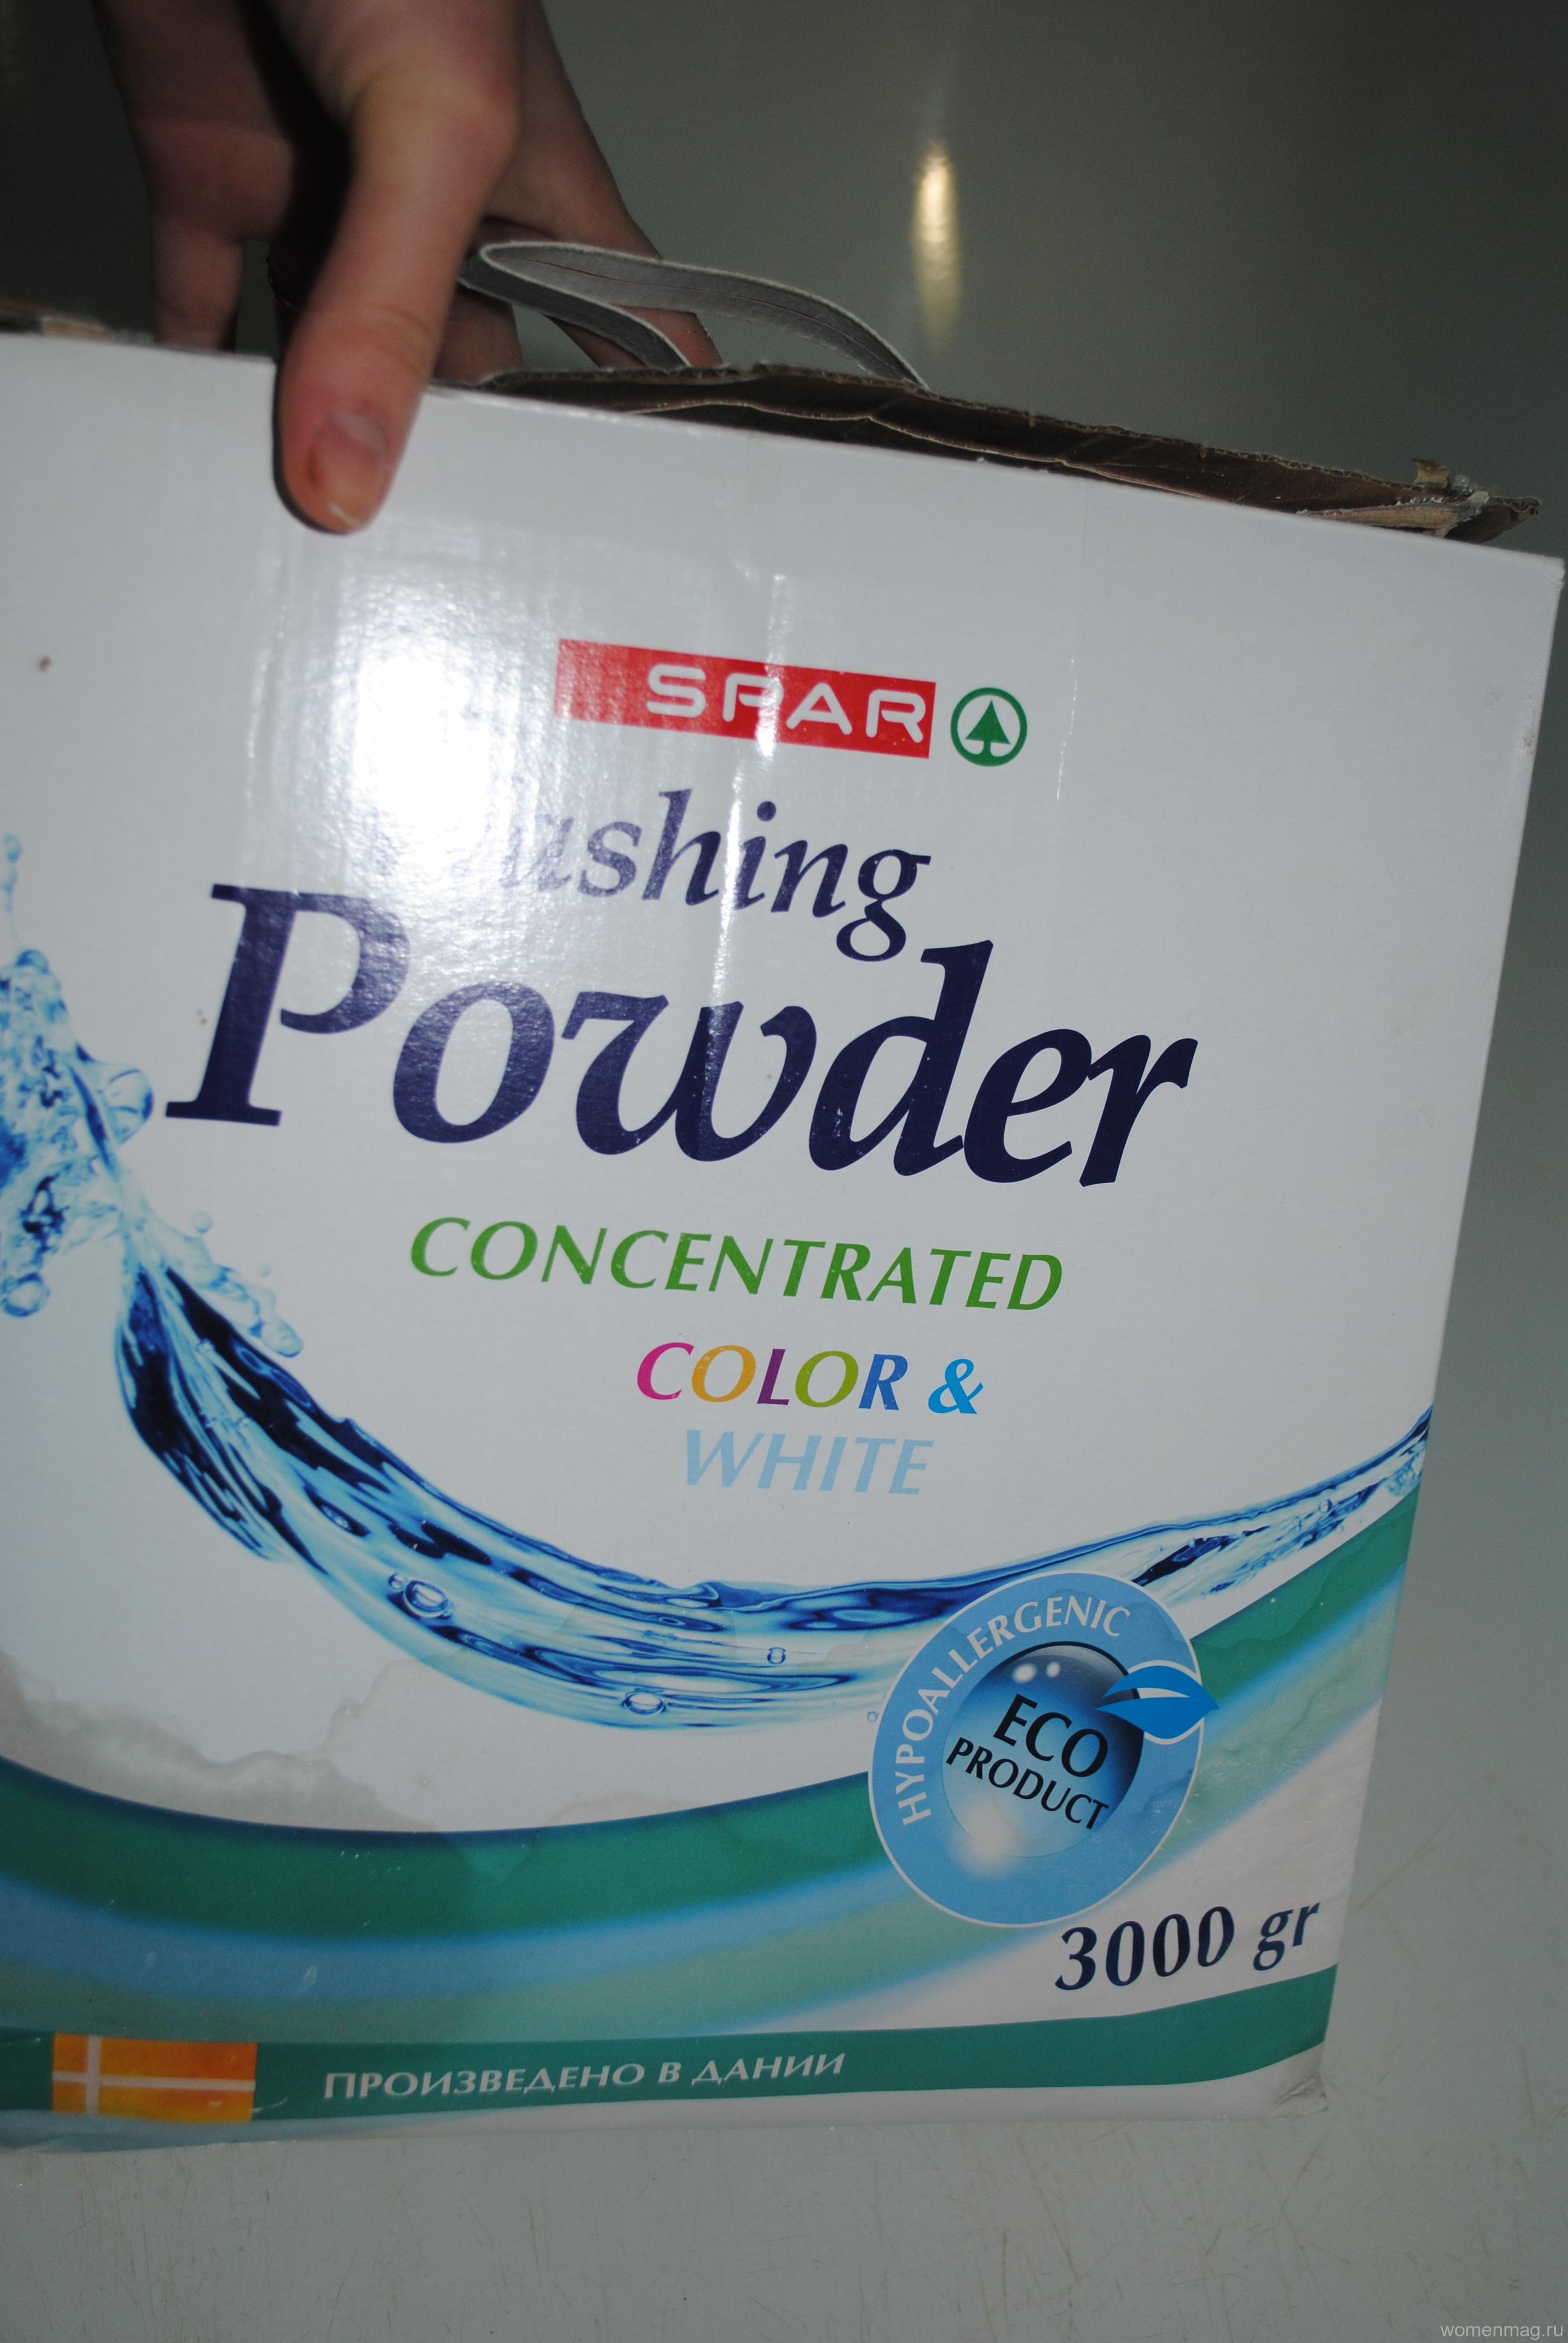 Стиральный порошок Spar Washing Powder Concentrated Color&White. Отзыв